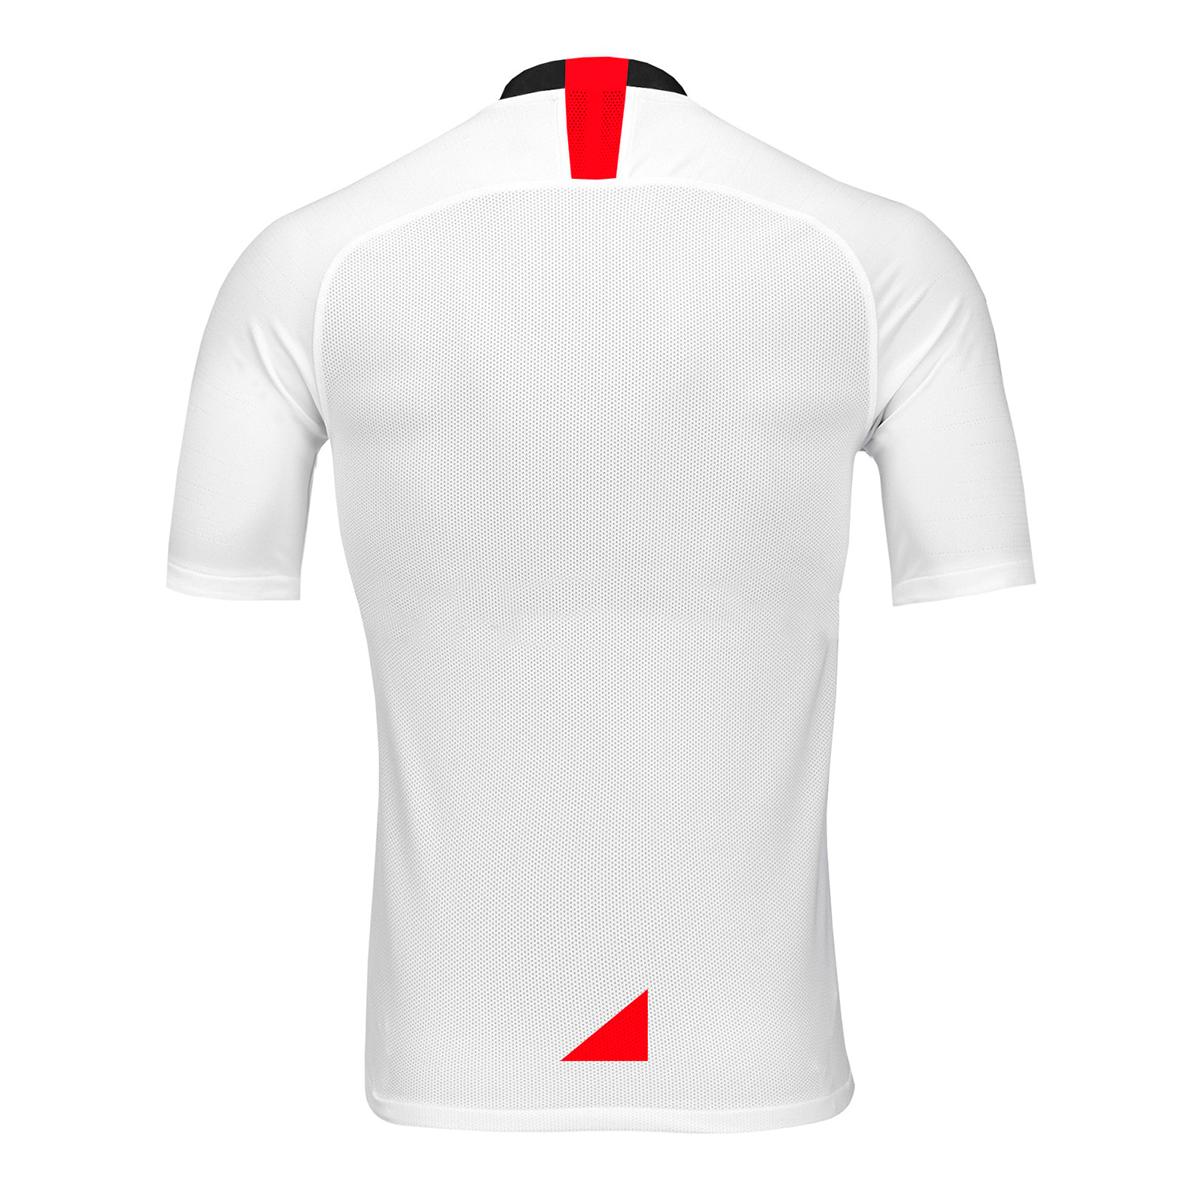 Maglia Nike Sevilla FC Primo completo 2019 2020